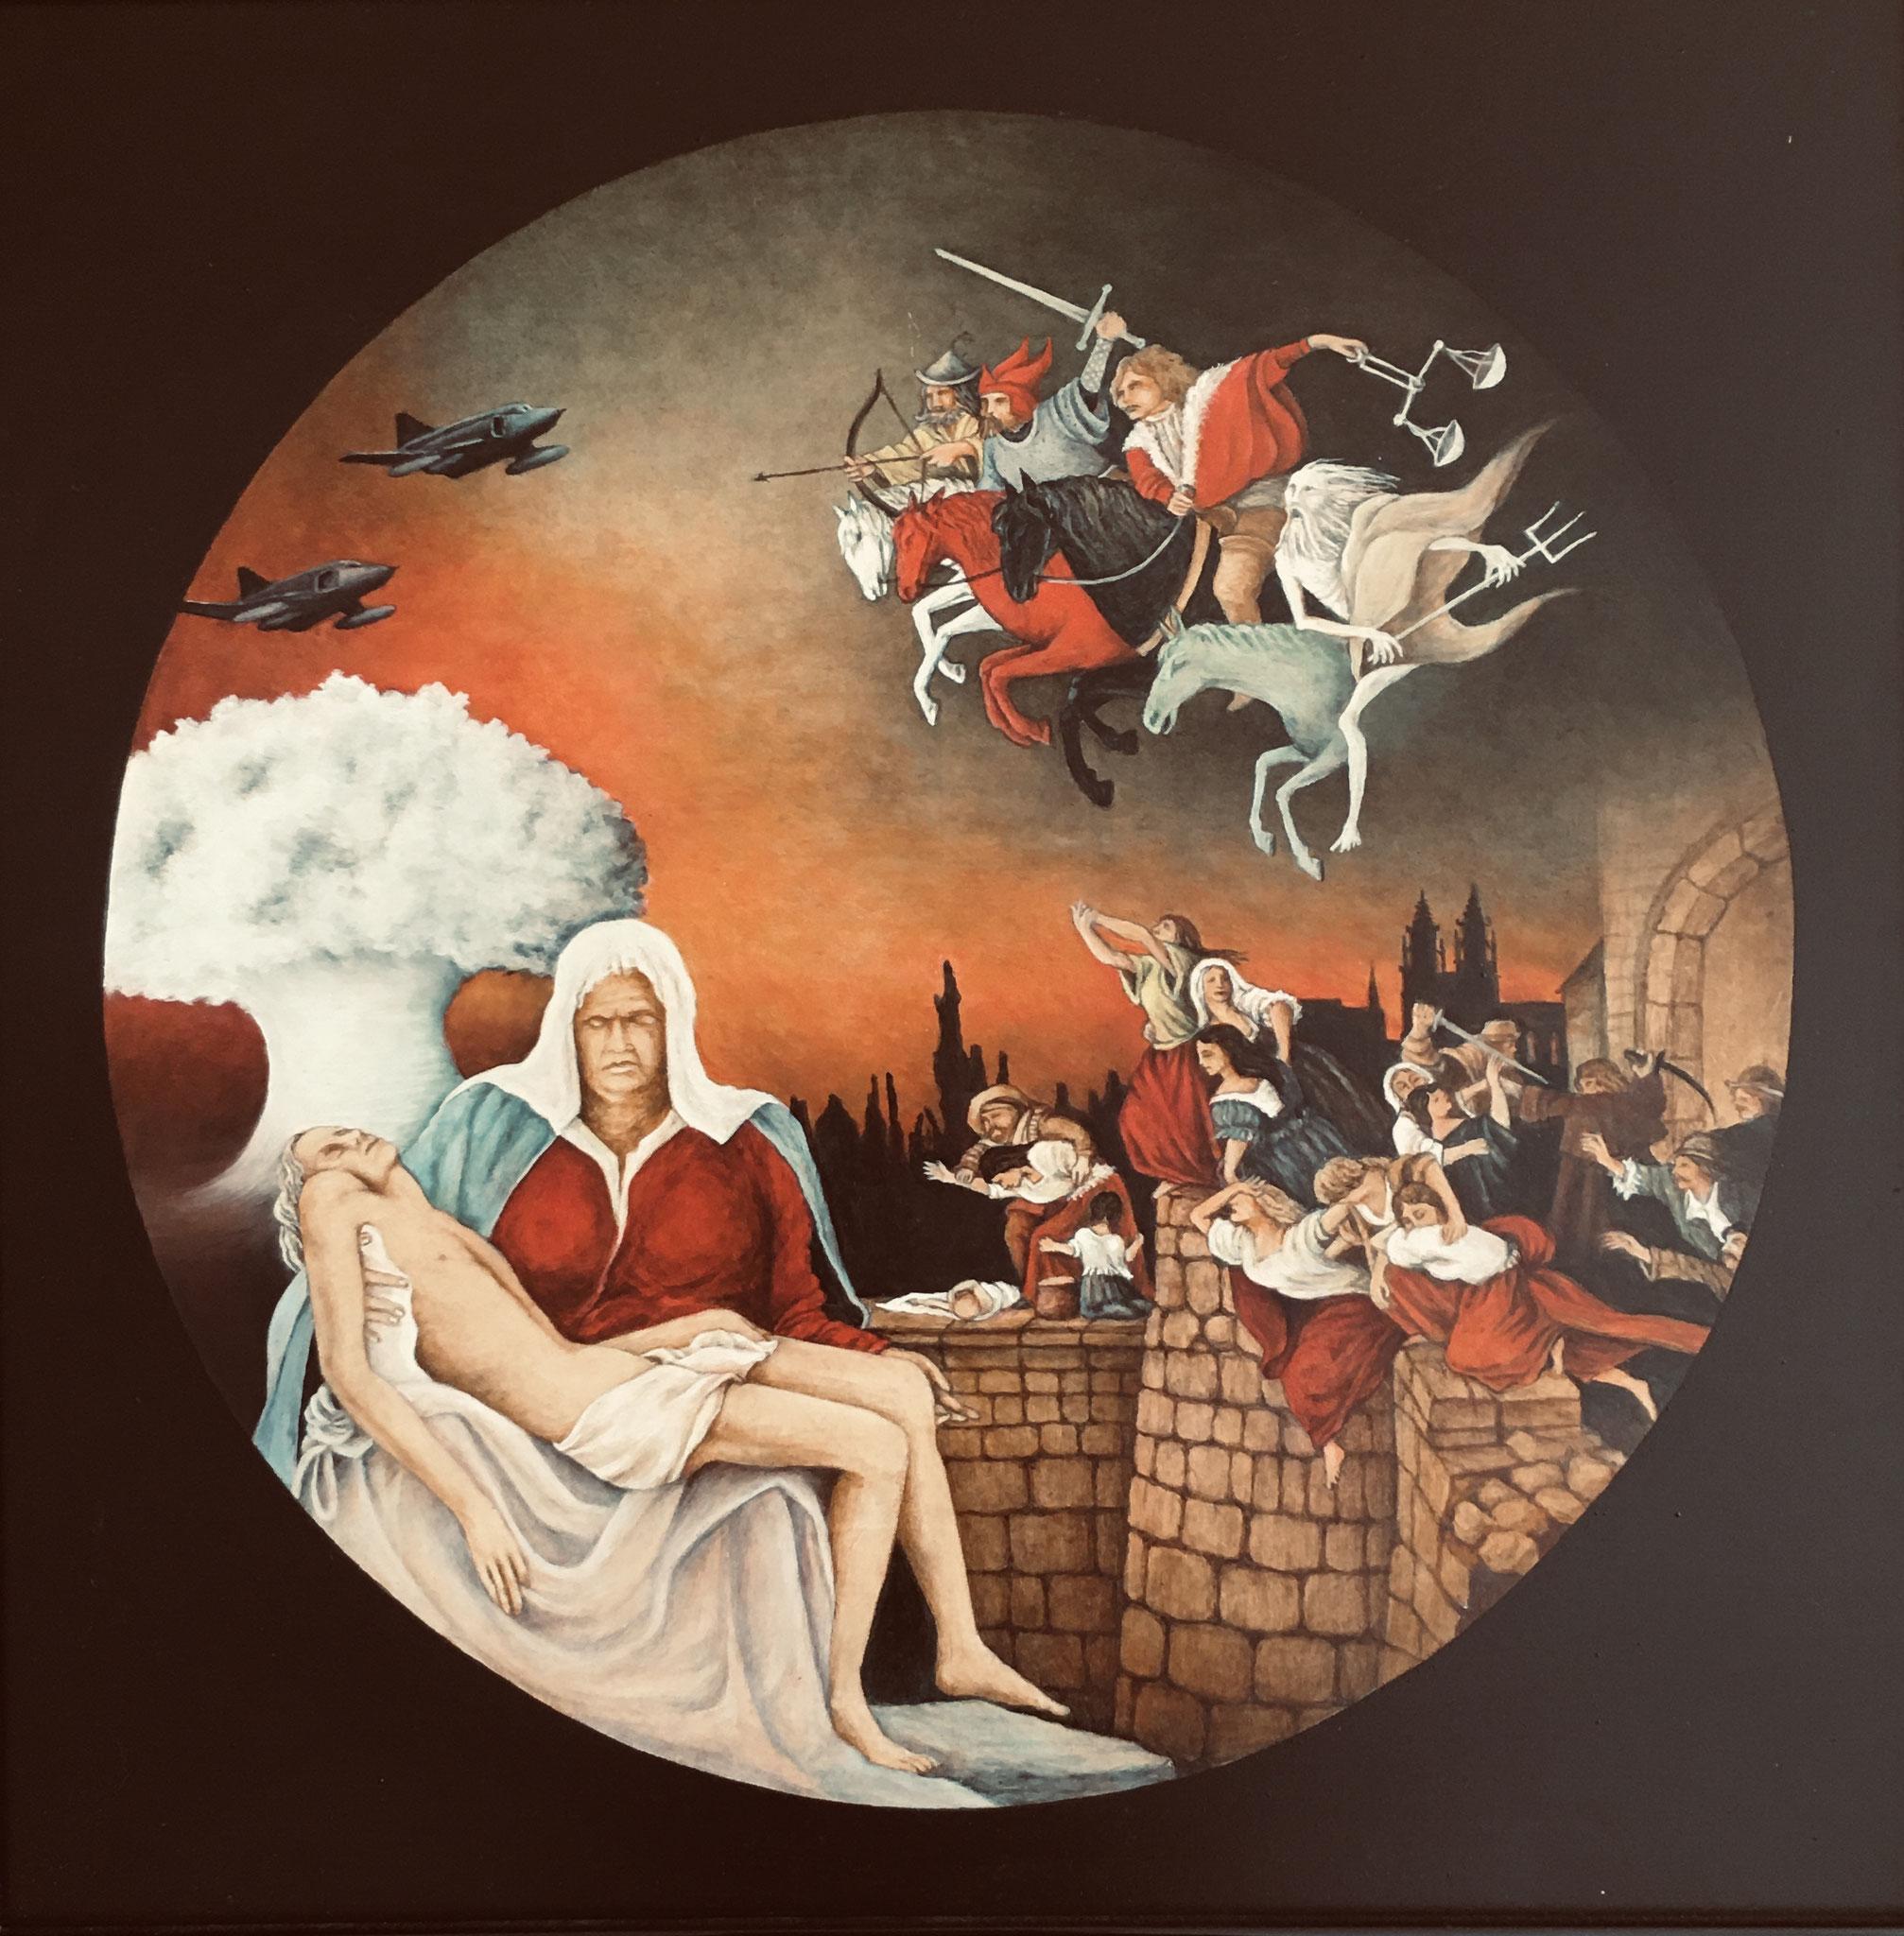 Allegorie Krieg, Acryl/ÖL, 50 x 50 cm, 2016